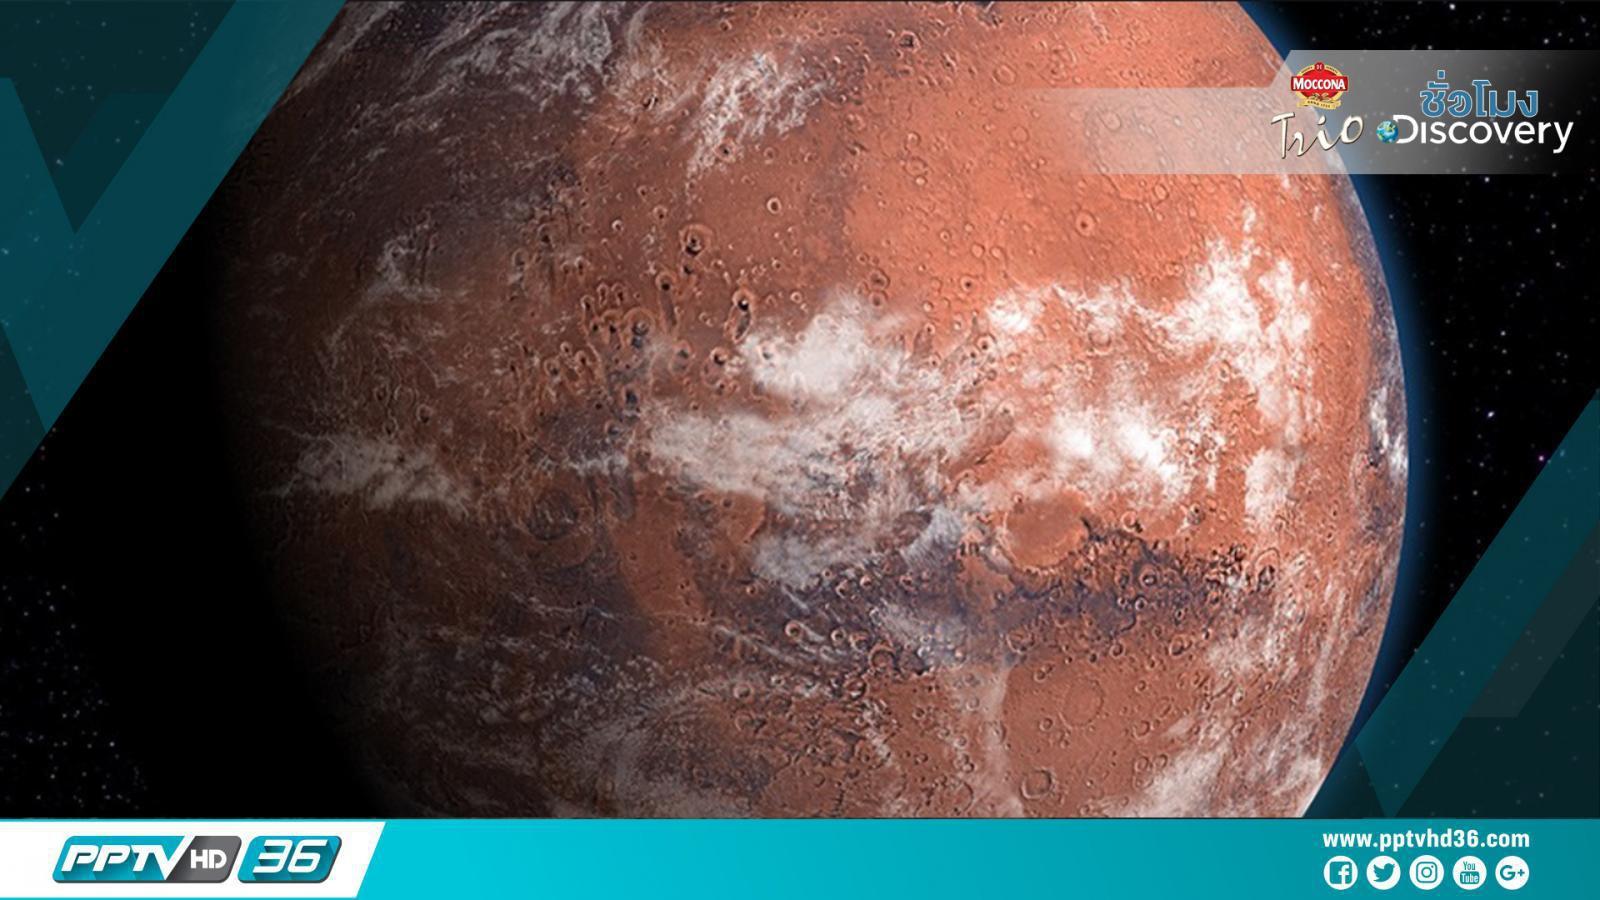 """การพบน้ำบน """"ดาวอังคาร"""" ส่งผลต่อโลกเราอย่างไร"""